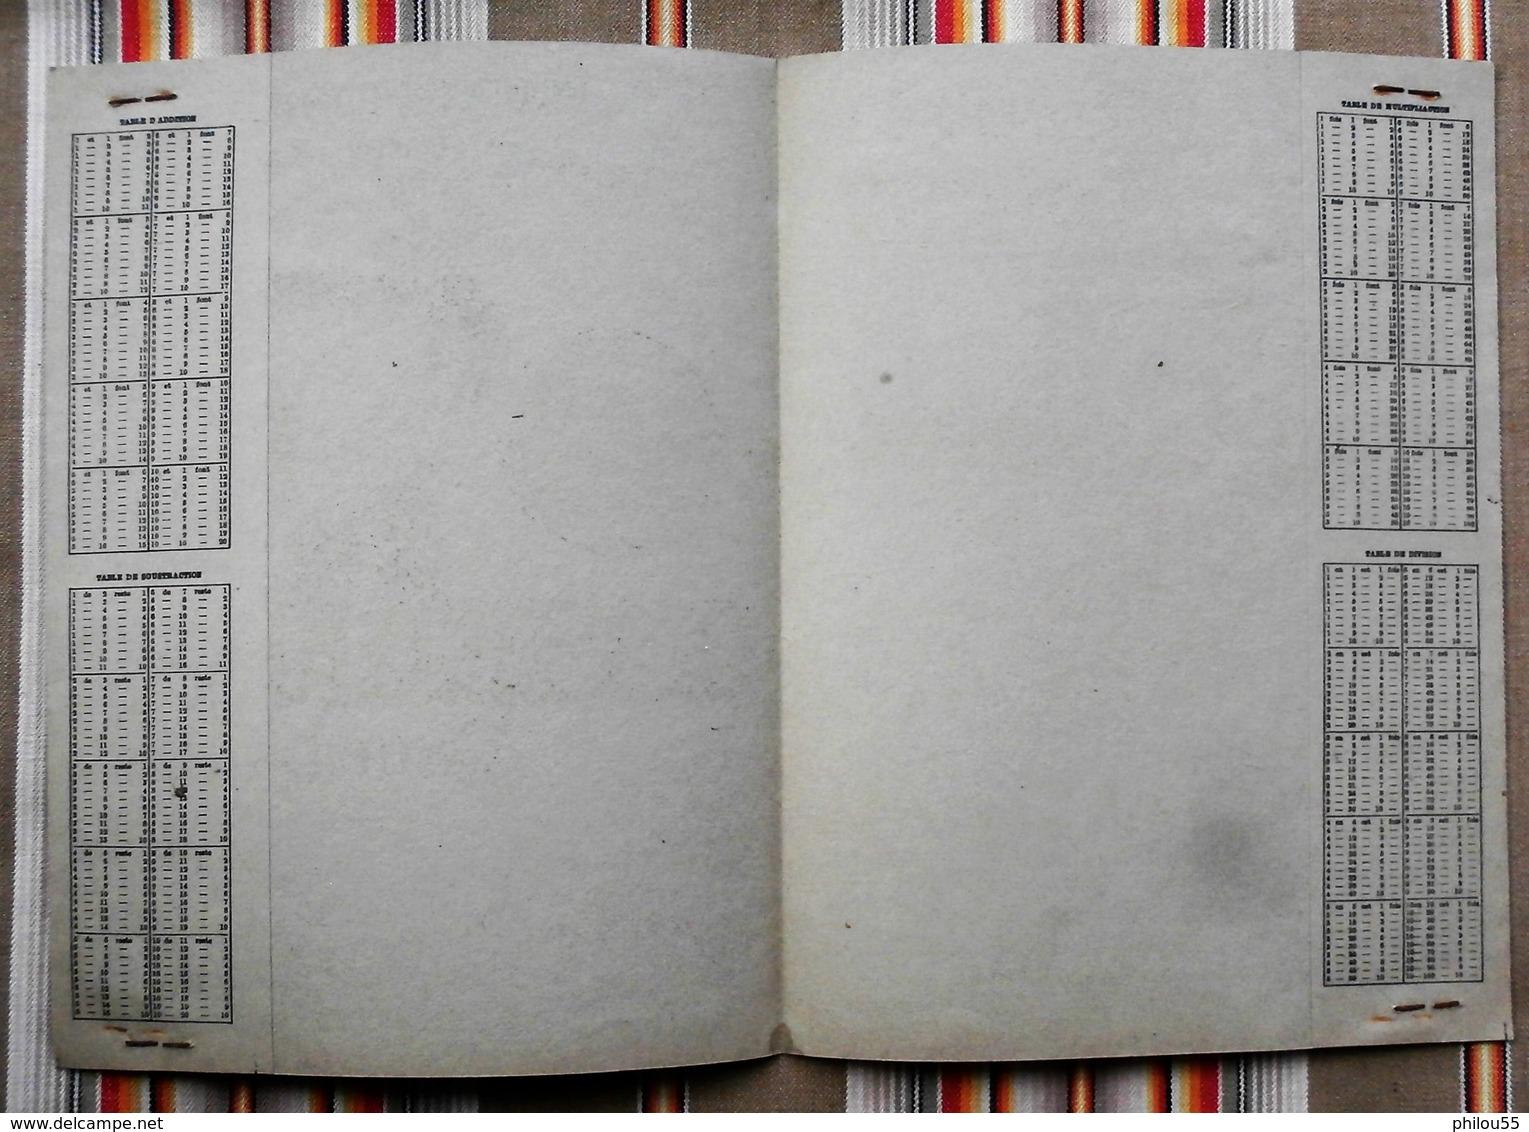 Ancien Protege Cahier D'Ecole PUBLICITAIRE GOULET TURPIN 51 REIMS Pas Courant - Book Covers